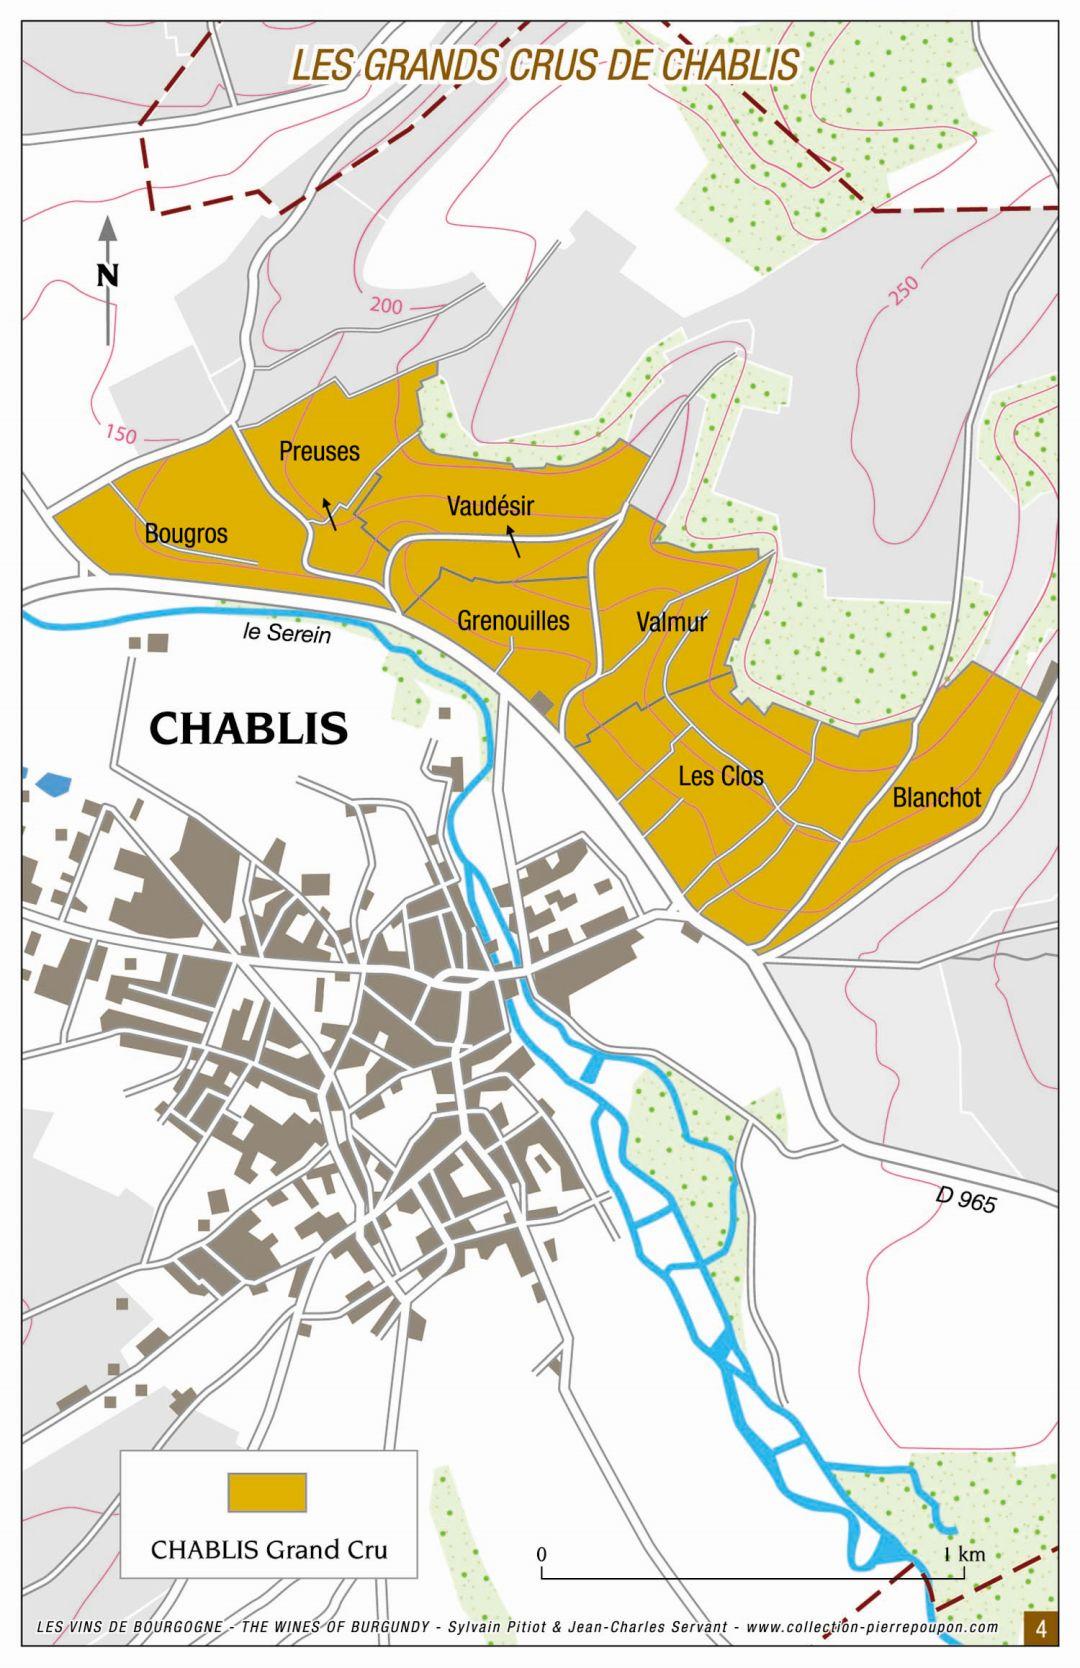 Chablis Grands Crus